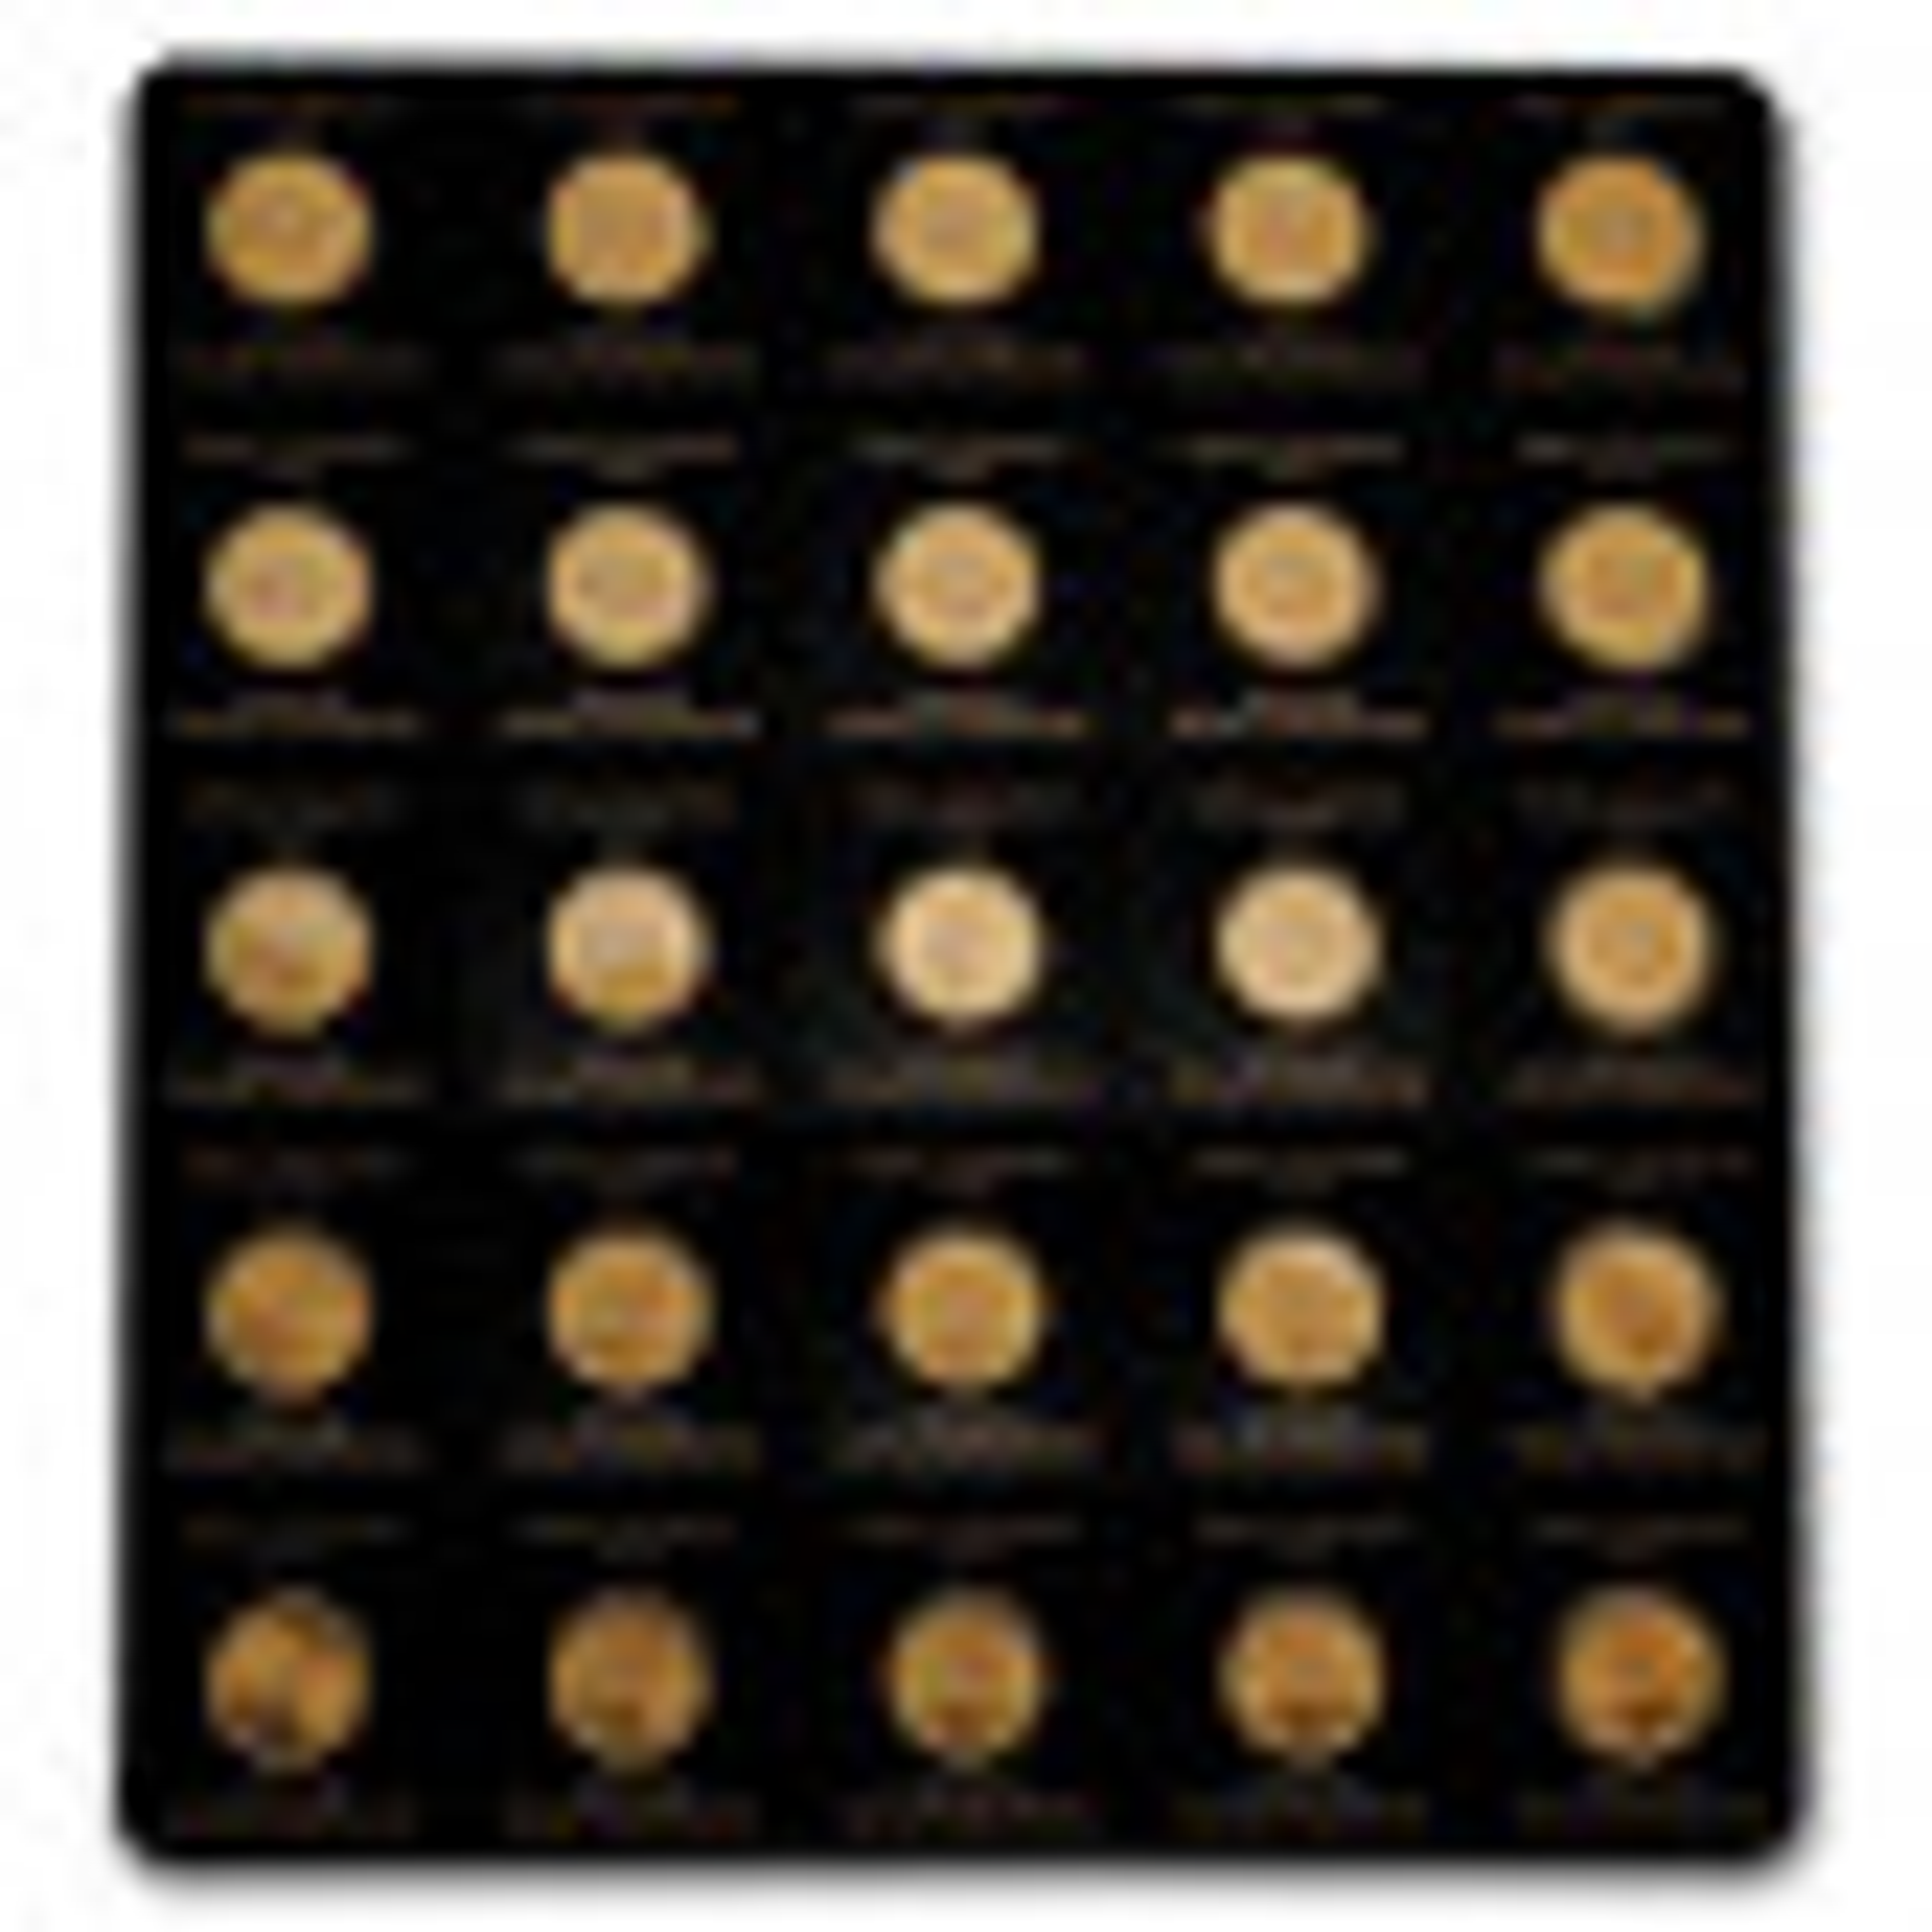 25x 1 gram gouden Maple Leaf munten 2021